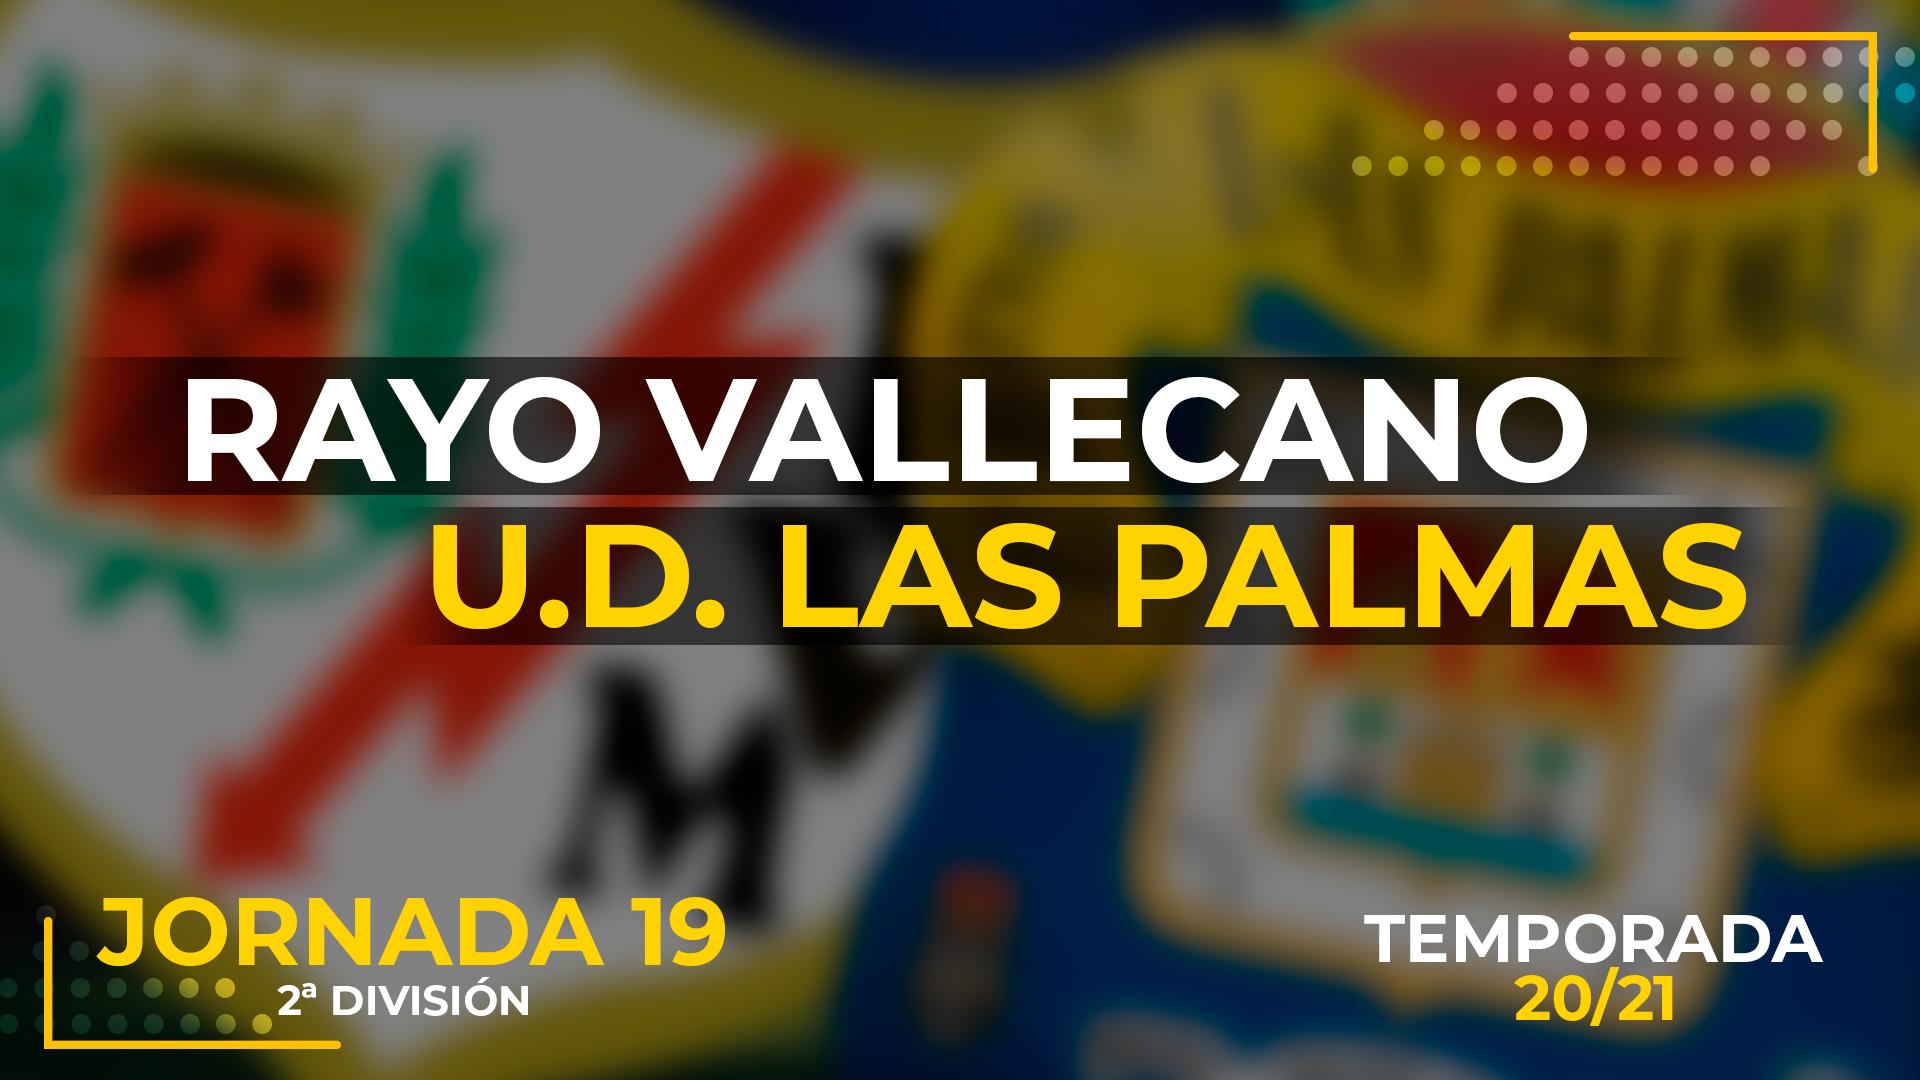 Rayo Vallecano vs UD Las Palmas